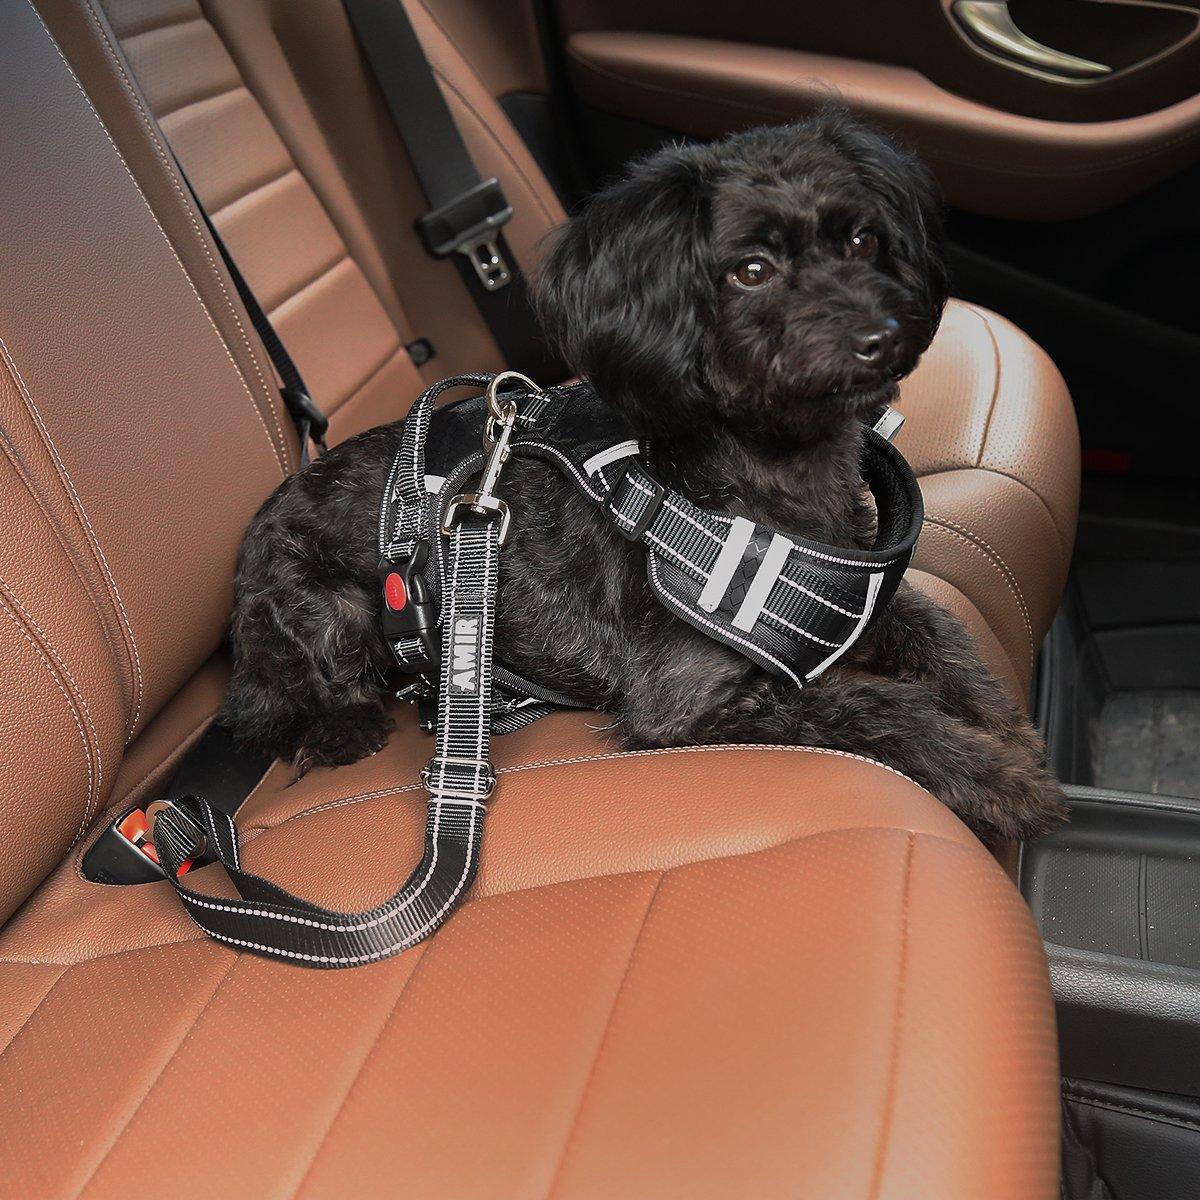 360 Grad Drehbaren Clip und Einstellbar Nylon f/ür maximalen Komfort Auto Sicherheitsgurt f/ür Hunde mit elastischer Ruckd/ämpfung 2 pack AMIR Hunde Sicherheitsgurt Passend f/ür alle Hunderassen